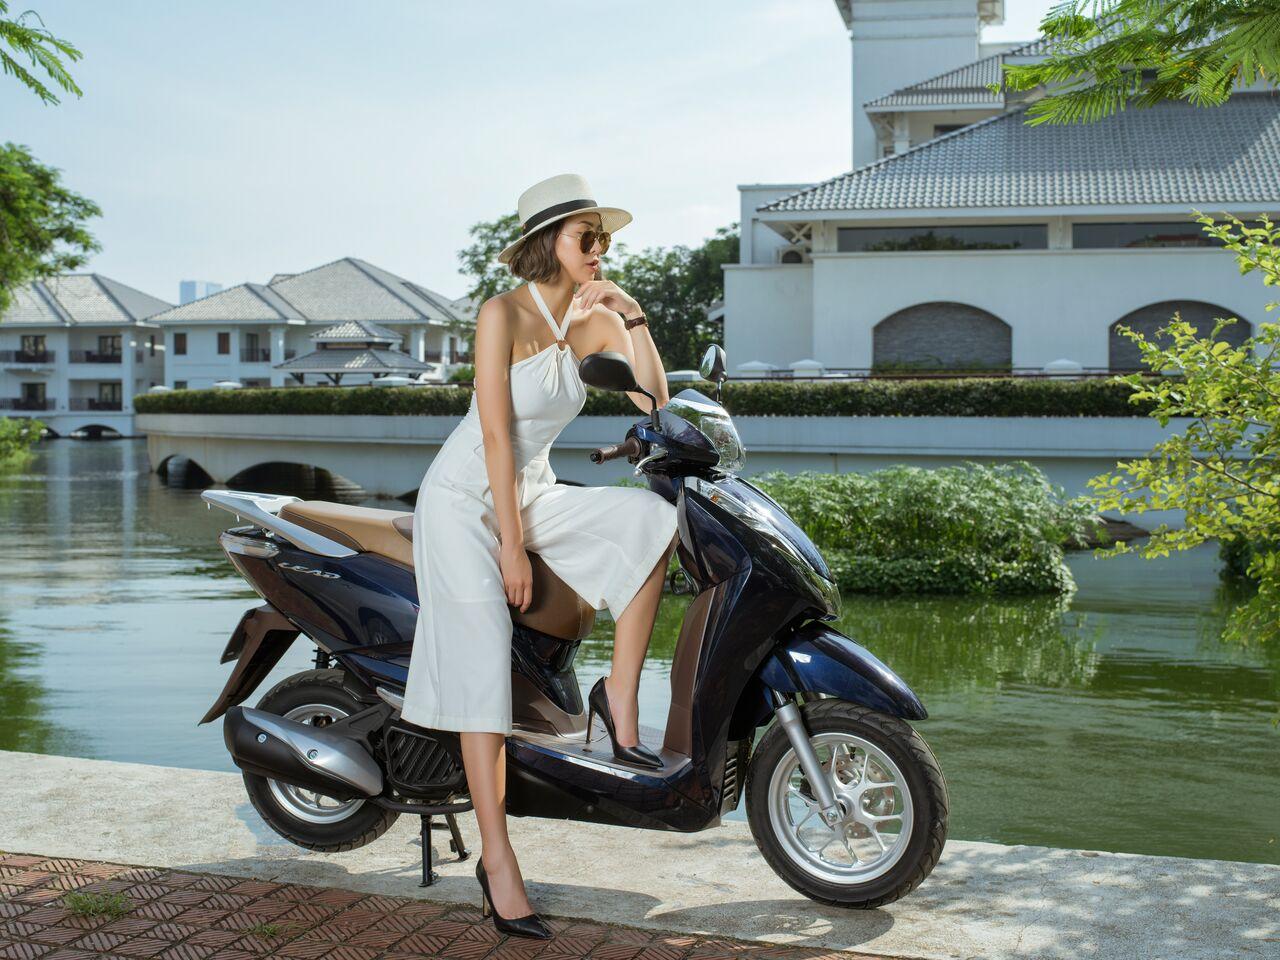 Châu Bùi, Khánh Linh The Face và Mai B: 3 hot girl sở hữu style hè đẹp nổi bật